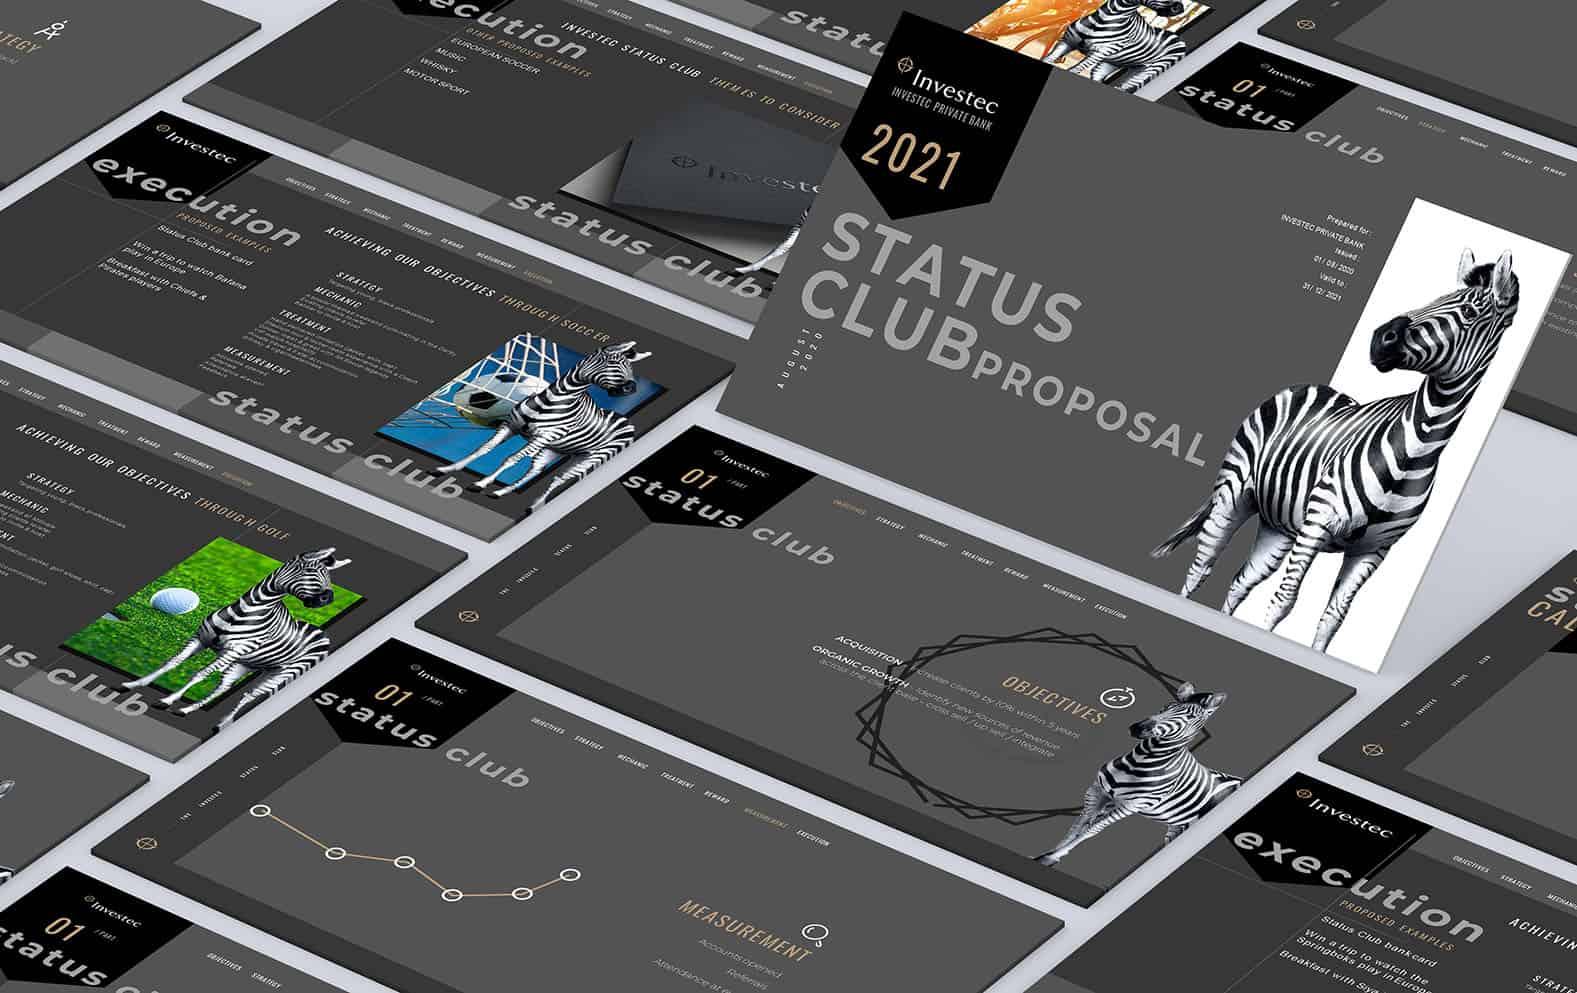 Proposal Presentation Design for Investec Status Club